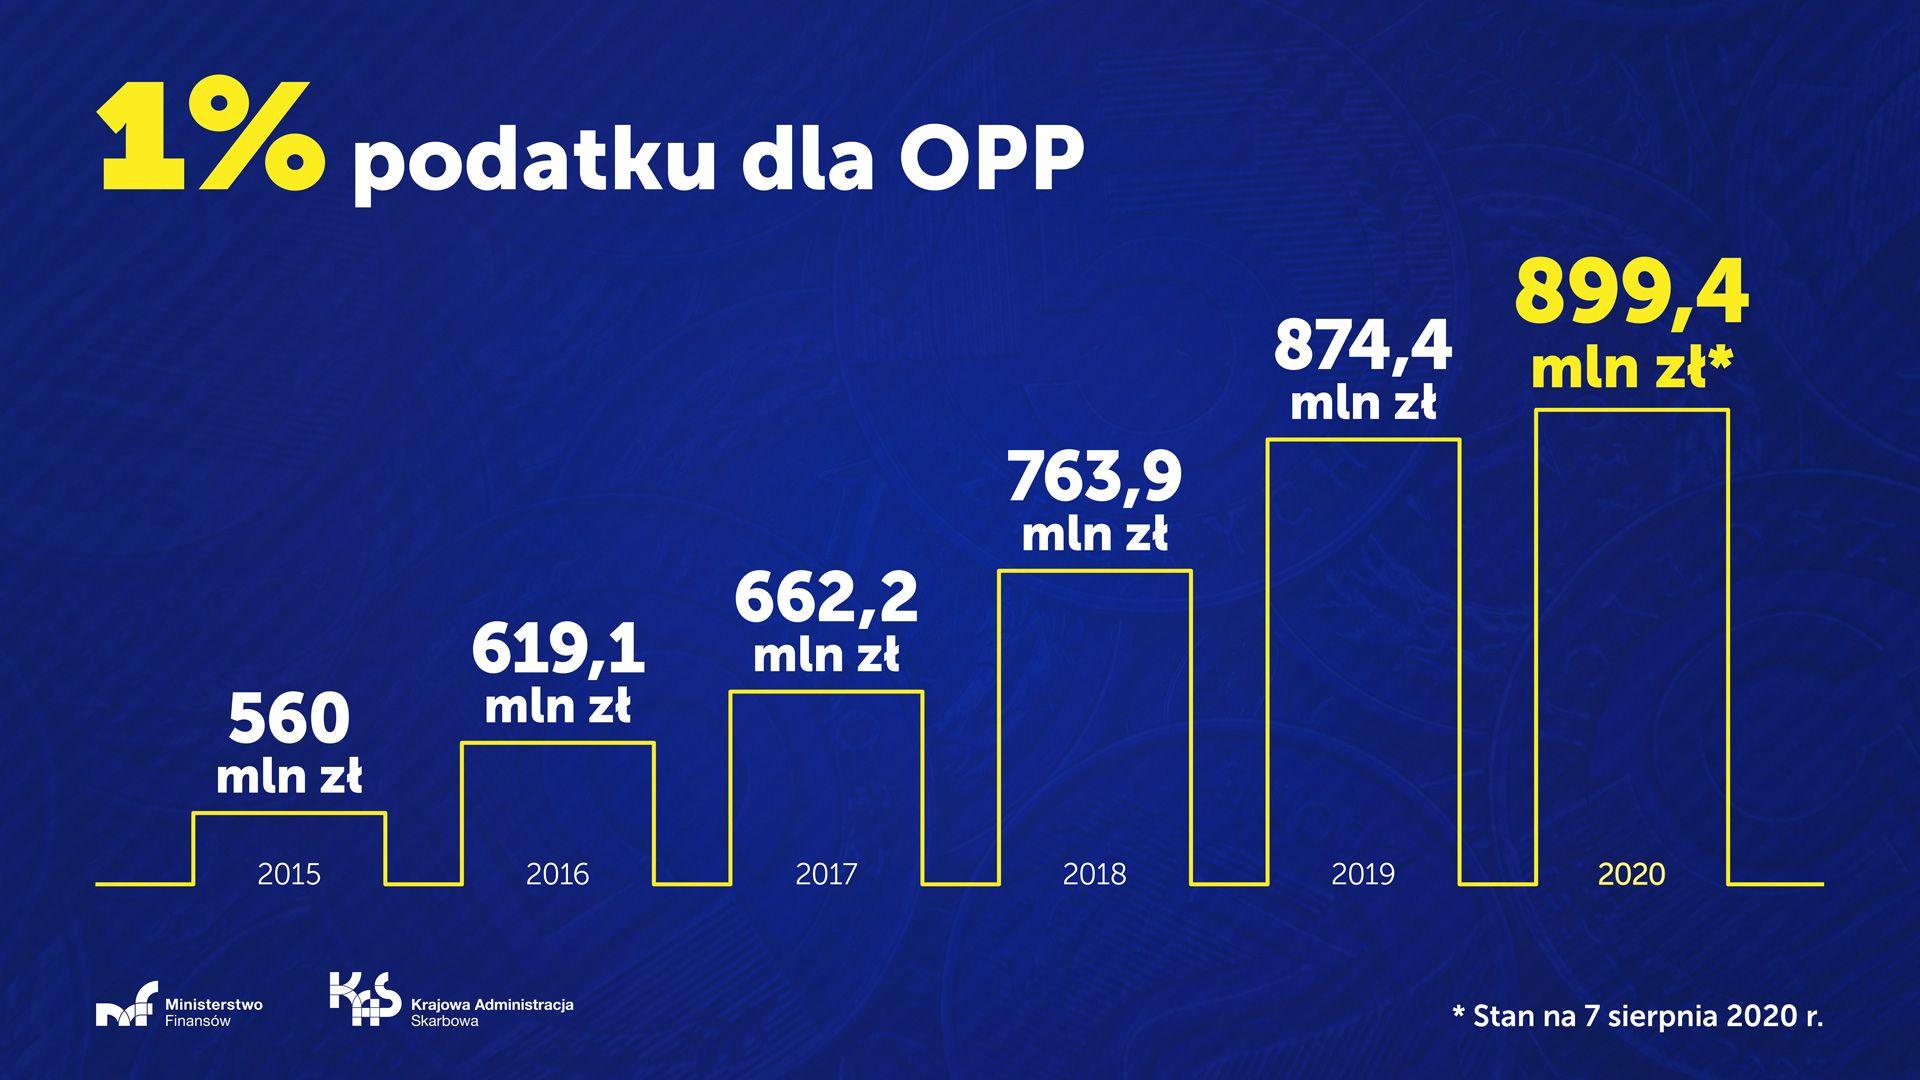 Rekordowa suma 1 proc. podatku z PIT dla OPP